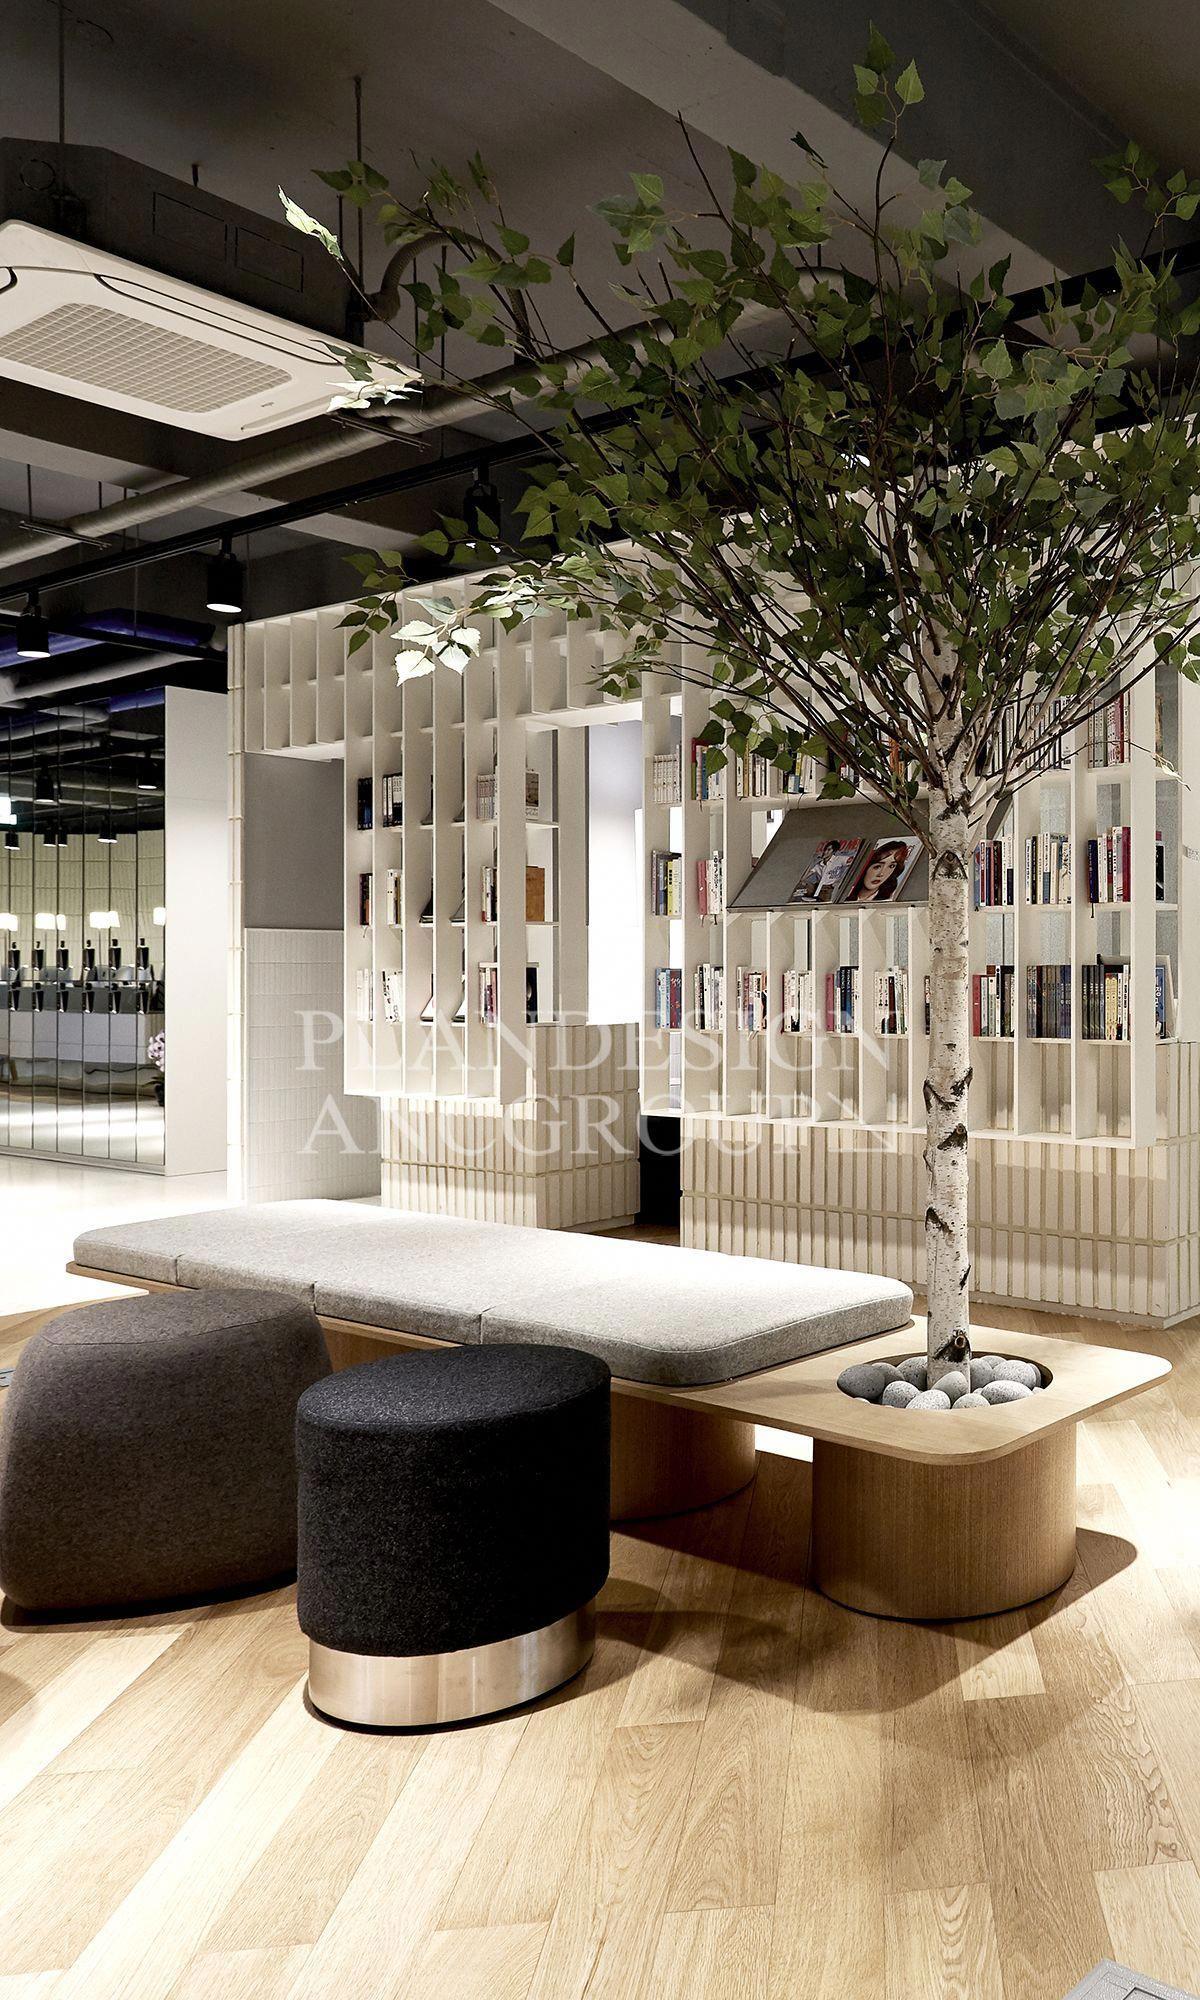 Scandinavian Interior Design Hausdekor Schlafzimmer Wohnung Einrichten Wohnideen Woh Lounge Interiors Office Interior Design Scandinavian Interior Design